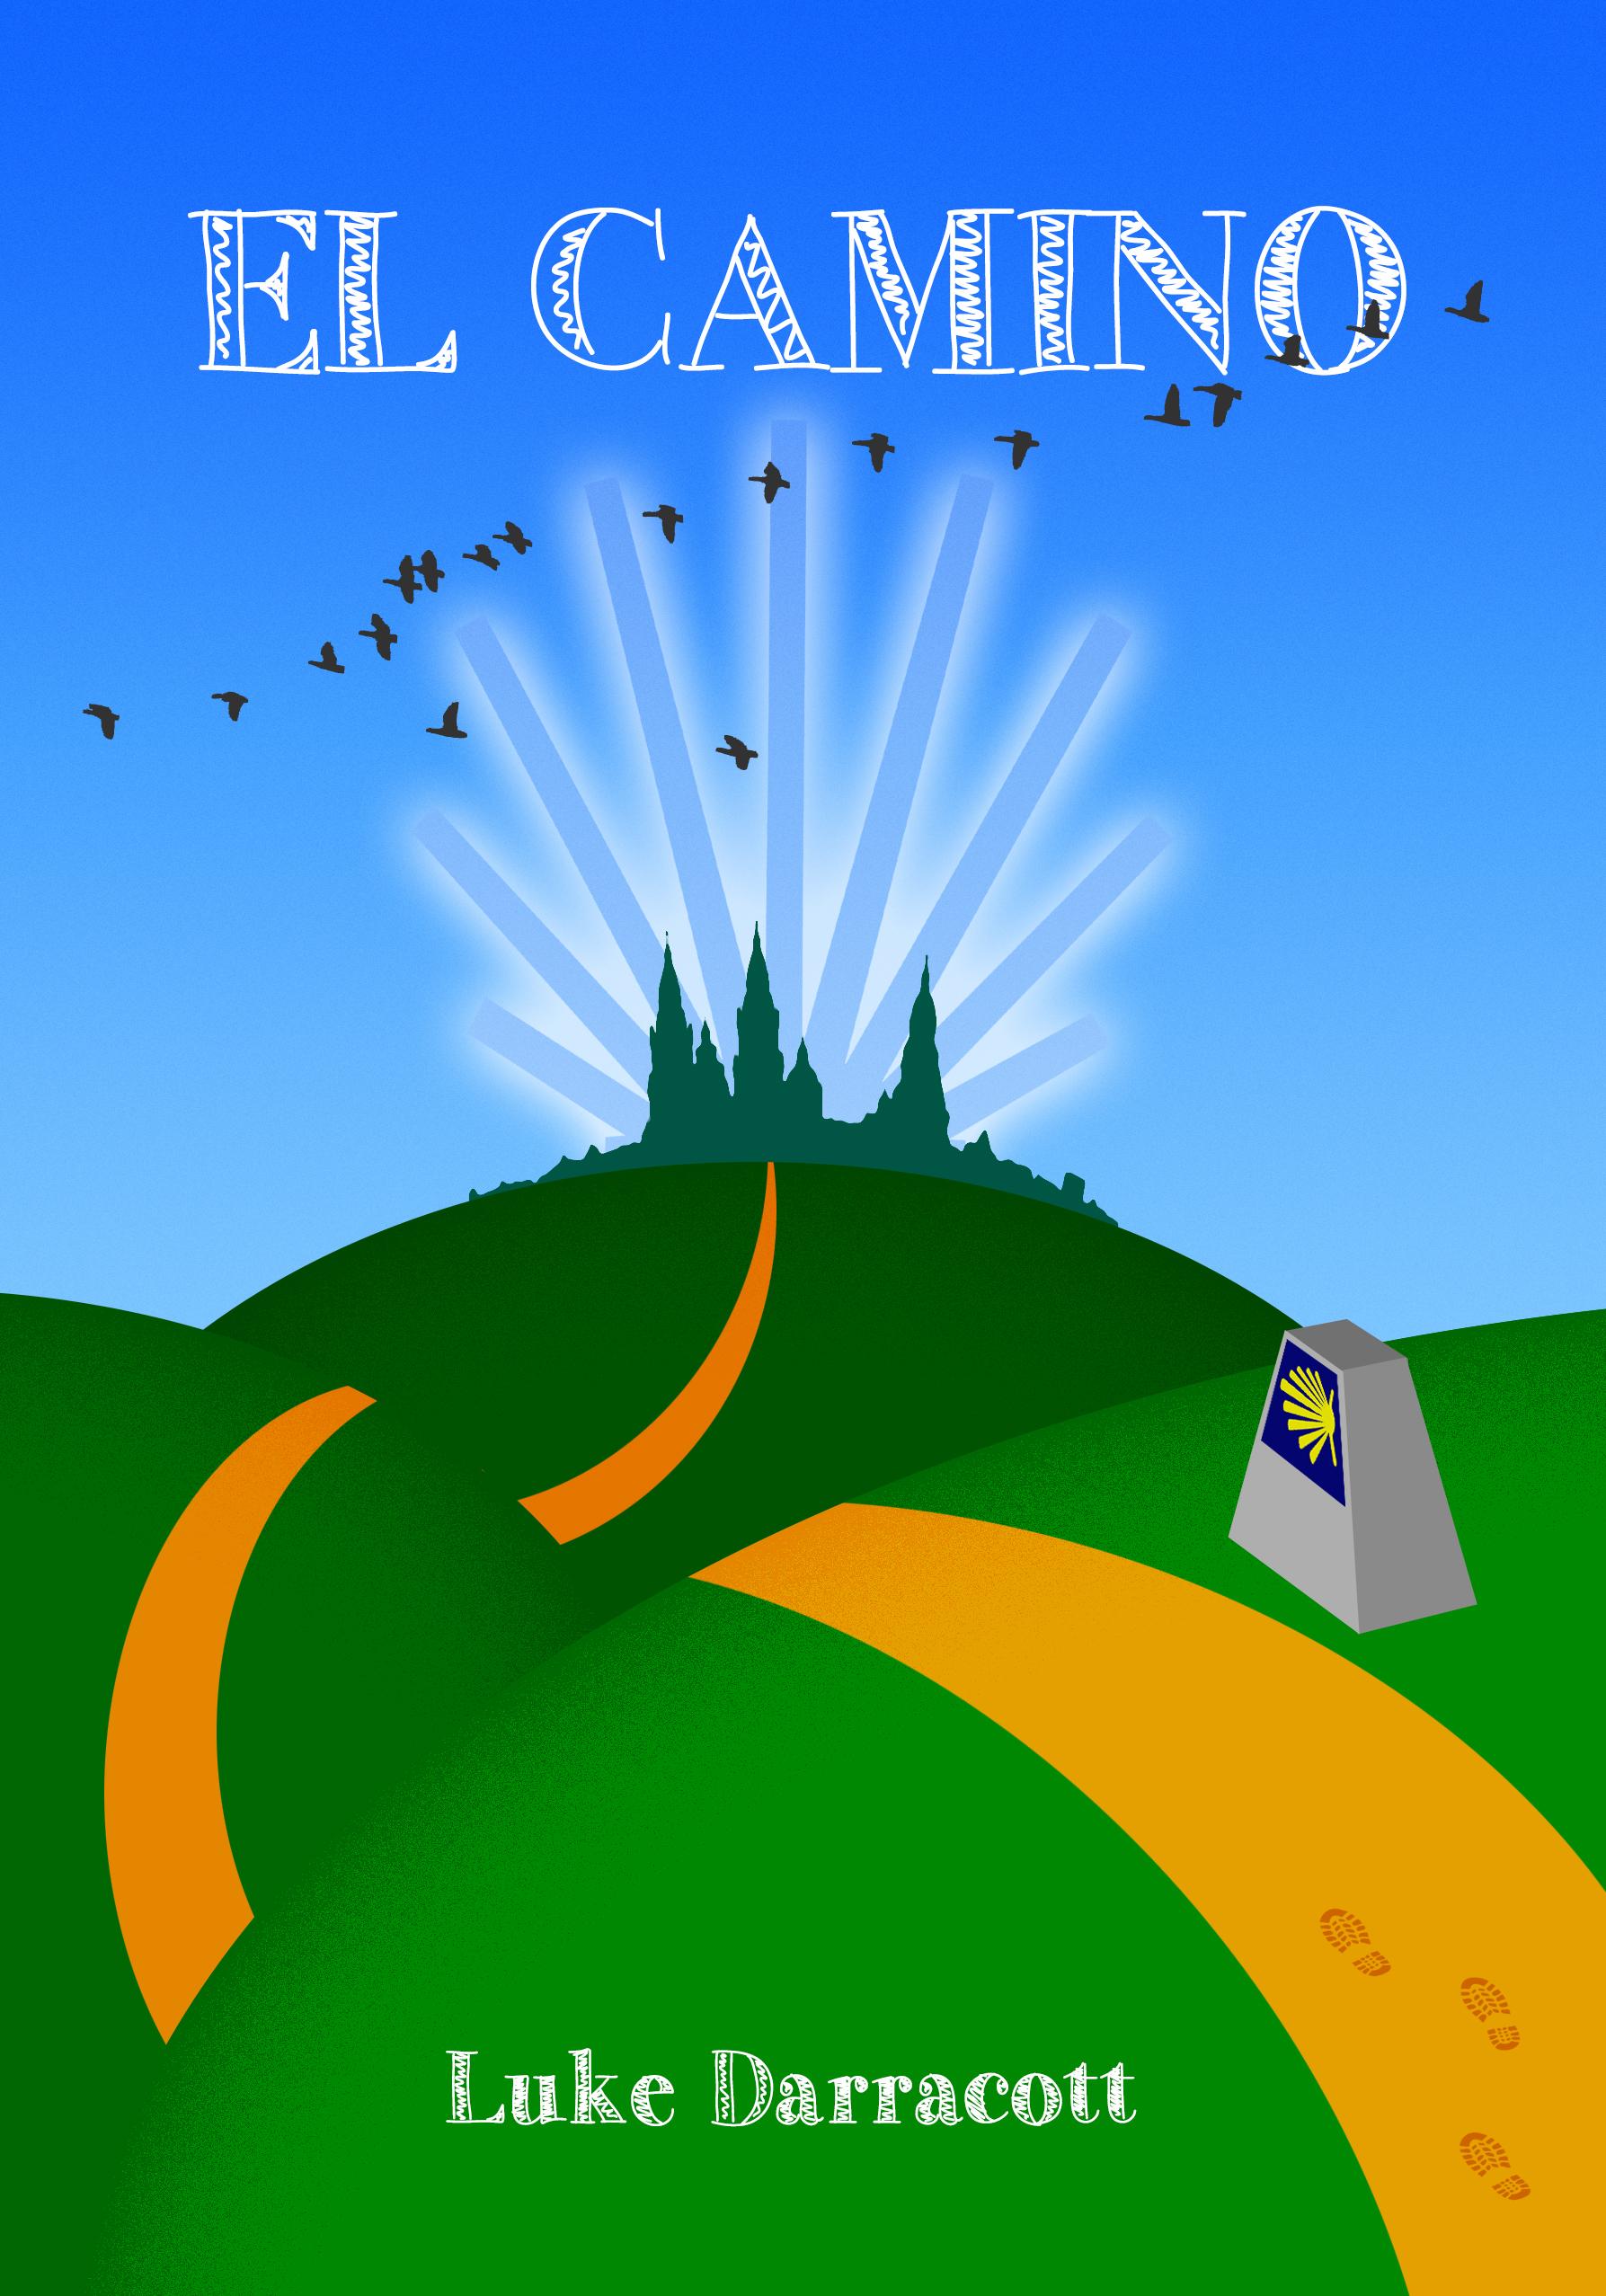 El Camino - A5_ConSangre - Portada - Con Textos 04.jpg